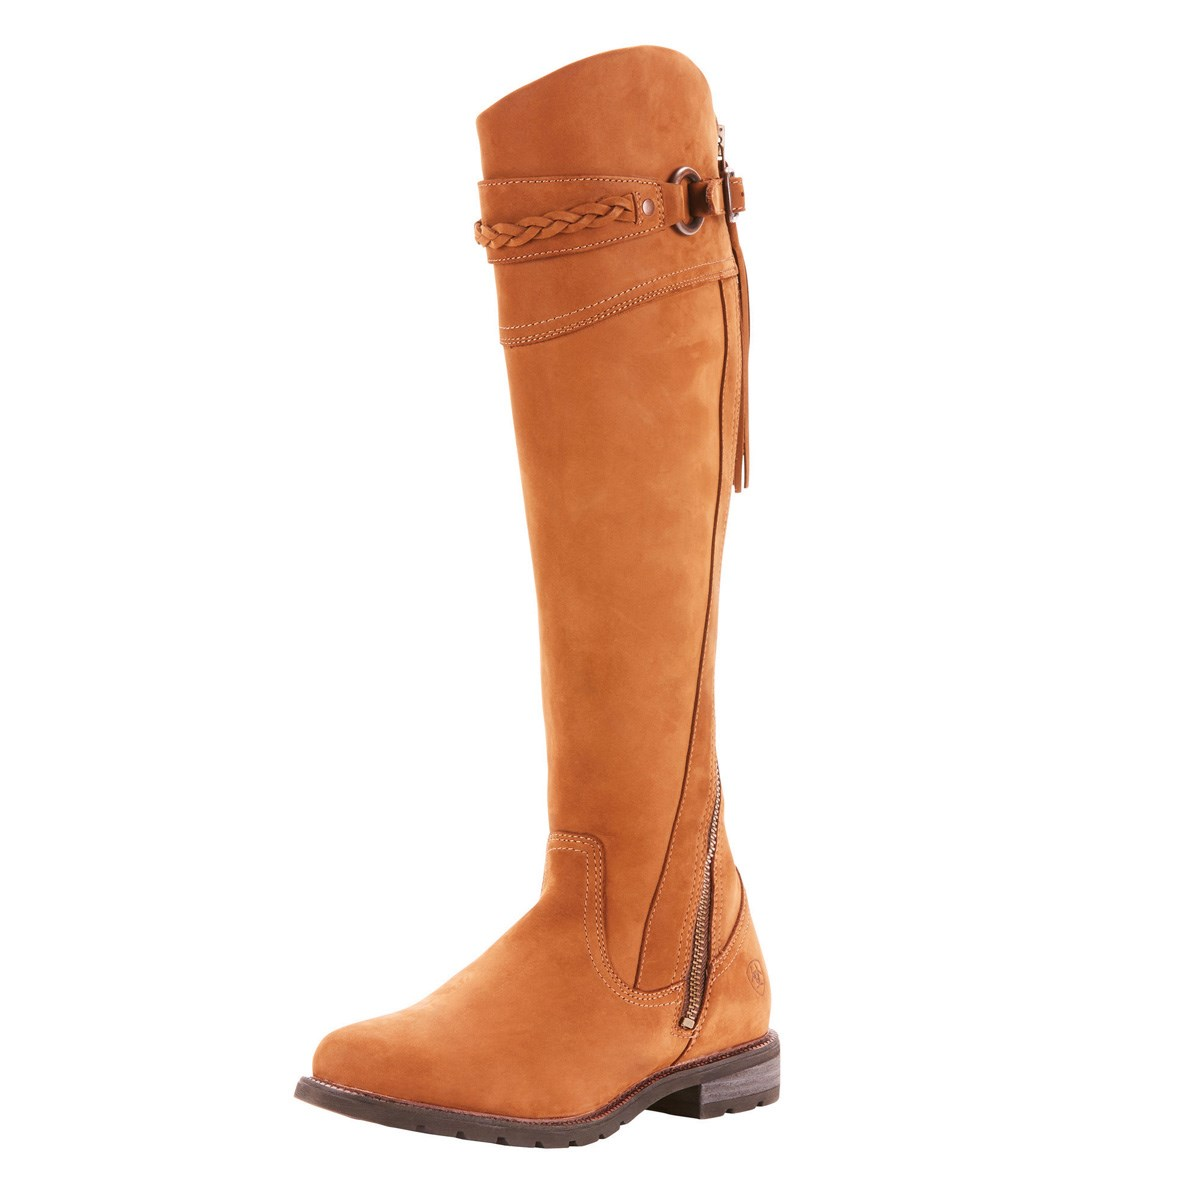 9350ebca7f15f Ariat Alora Ladies Tall Boots - Chestnut - Redpost Equestrian